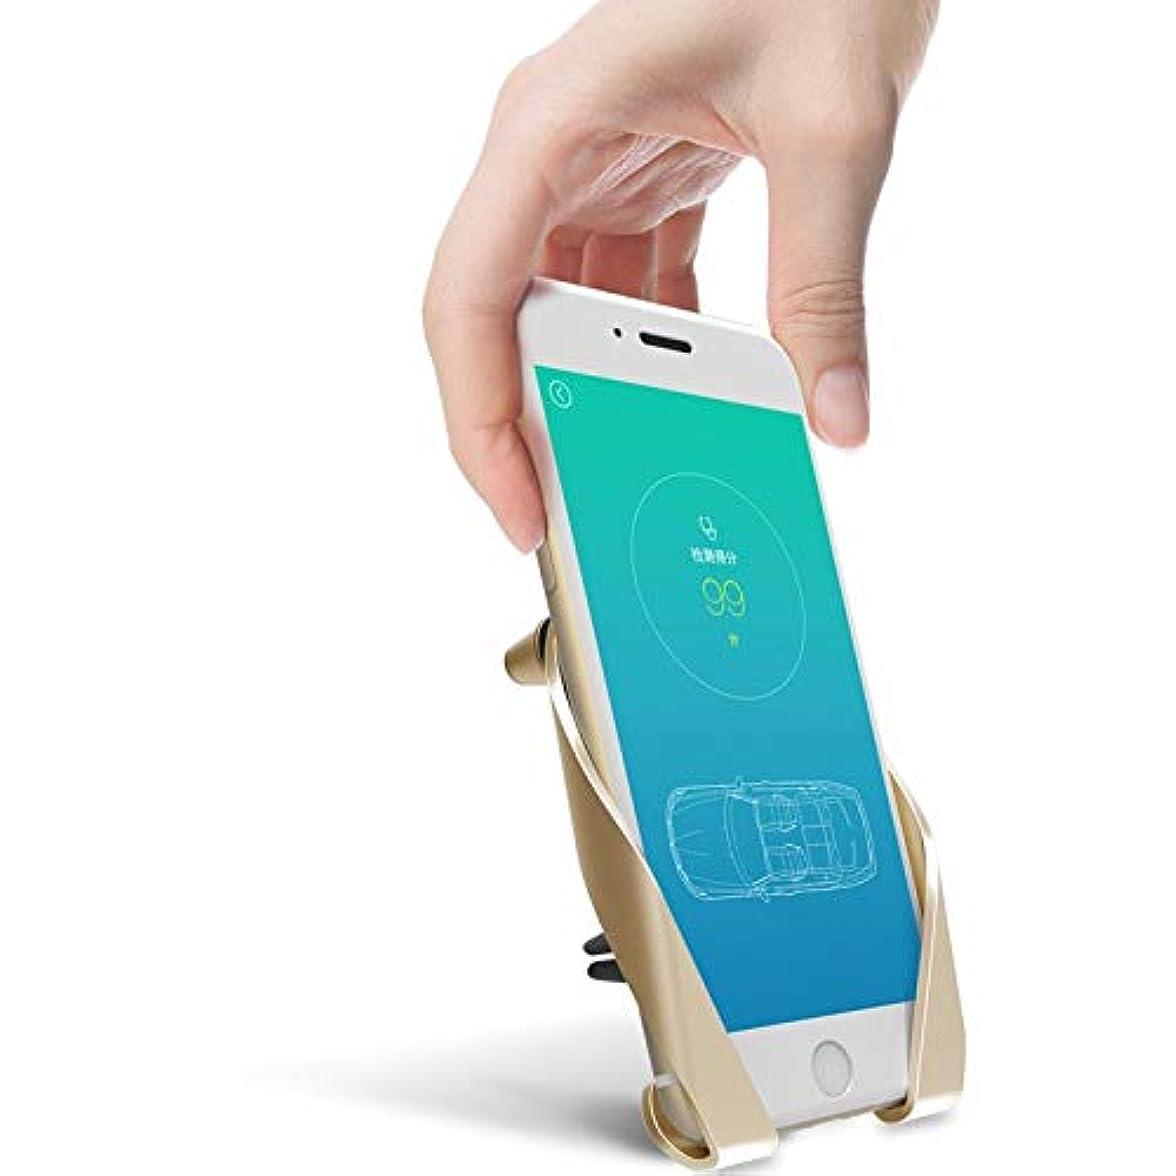 アイザック小間ミシンJicorzo - サムスンiPhone用ユニバーサルカーベント携帯電話ホルダーカープラスチック製エアアウトレットアジャスタブル電話スタンドホルダー